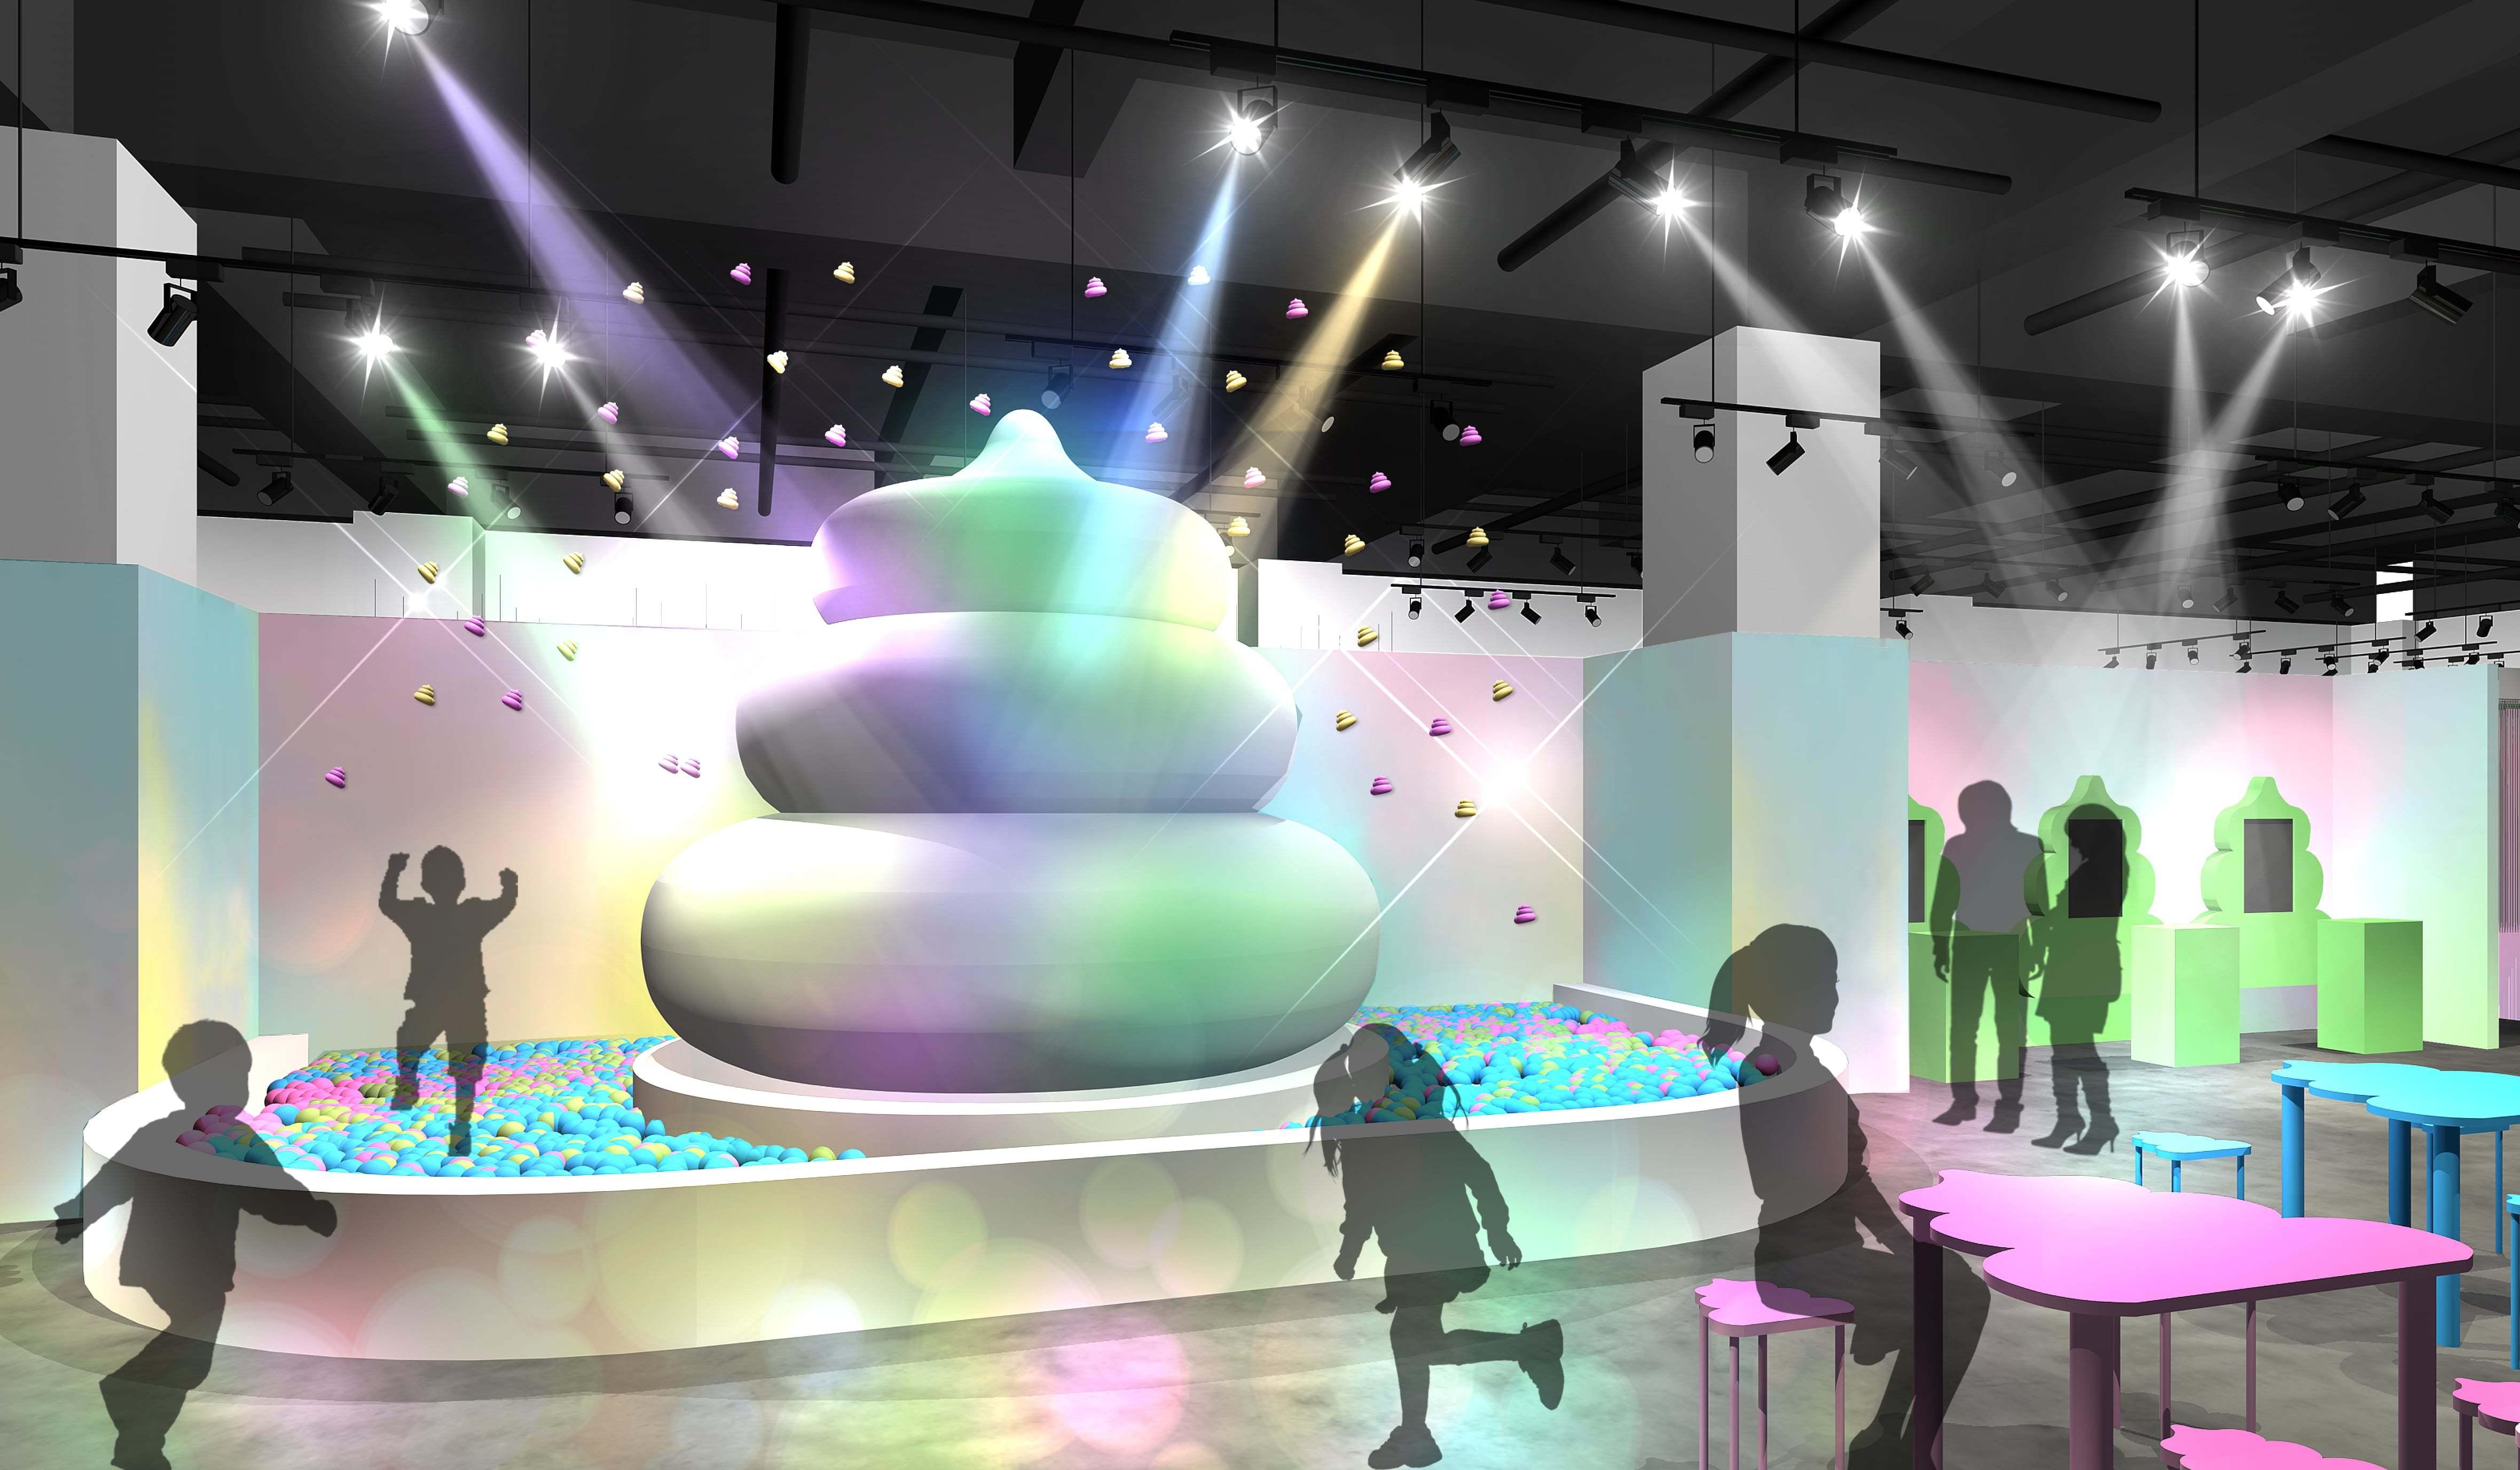 フロアイメージ【1.うんこ広場(ボルケーノ)】 巨大うんこオブジェから定期的にうんこが噴火!